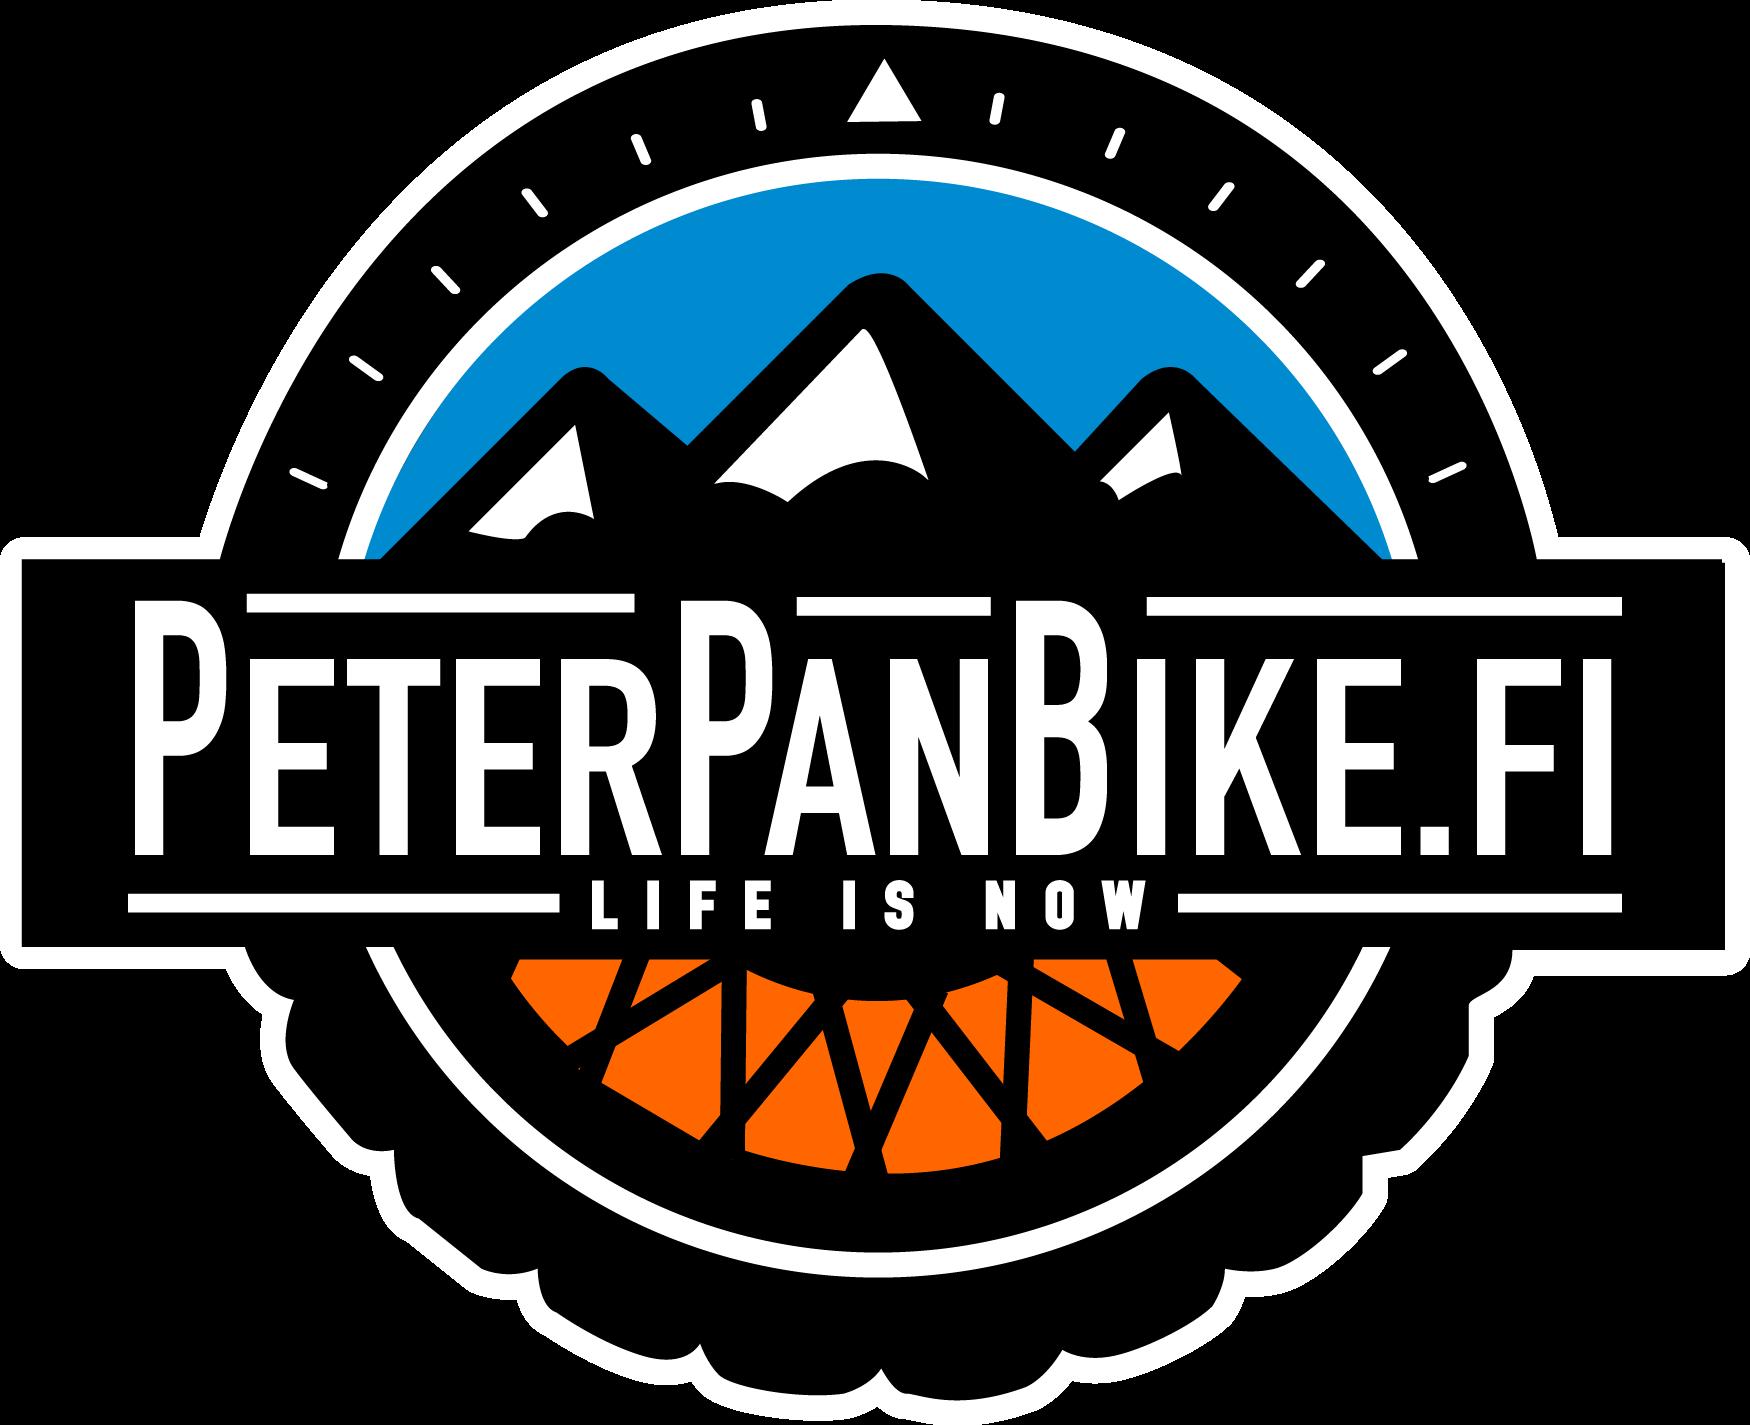 Kysymyksiä? - +358 40196 5721 tai mail@peterpanbike.fi |USEIN KYSYTYT| Ennen matkaa pidämme infotapaamisen, jossa paljon lisää faktaa tulevasta!